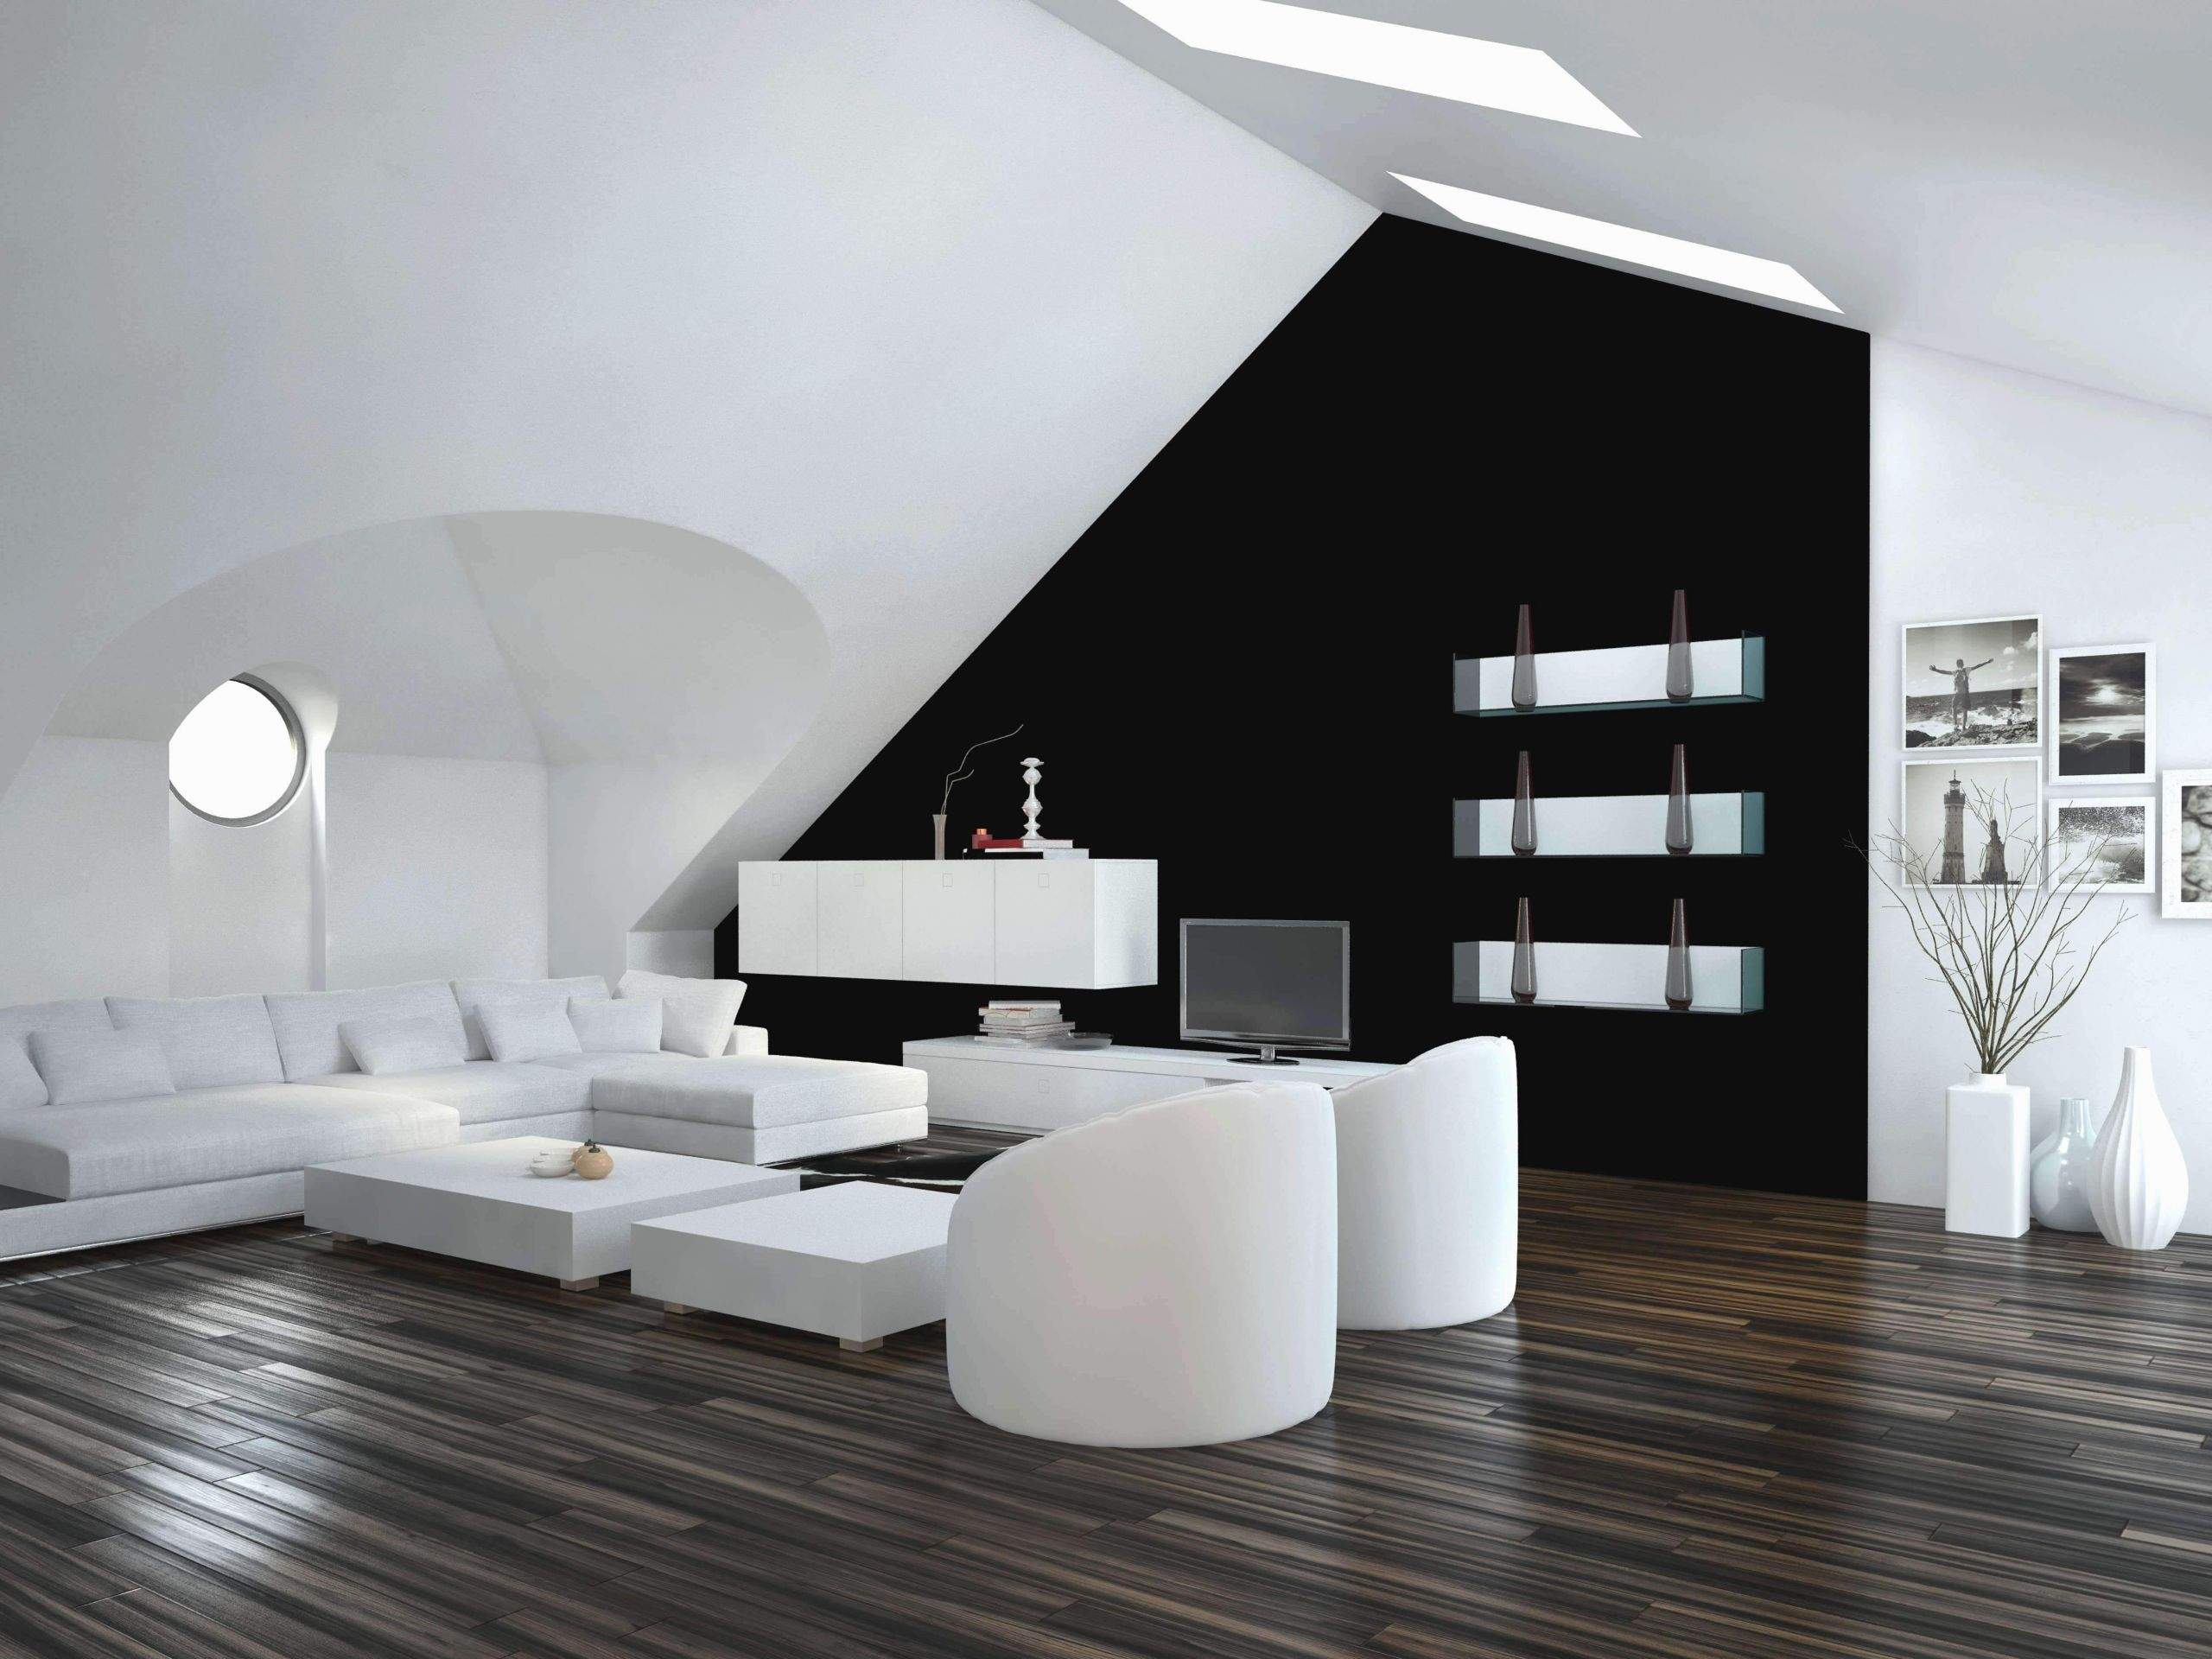 lichterkette wohnzimmer inspirierend schon wohnzimmer deko ideen of lichterkette wohnzimmer scaled